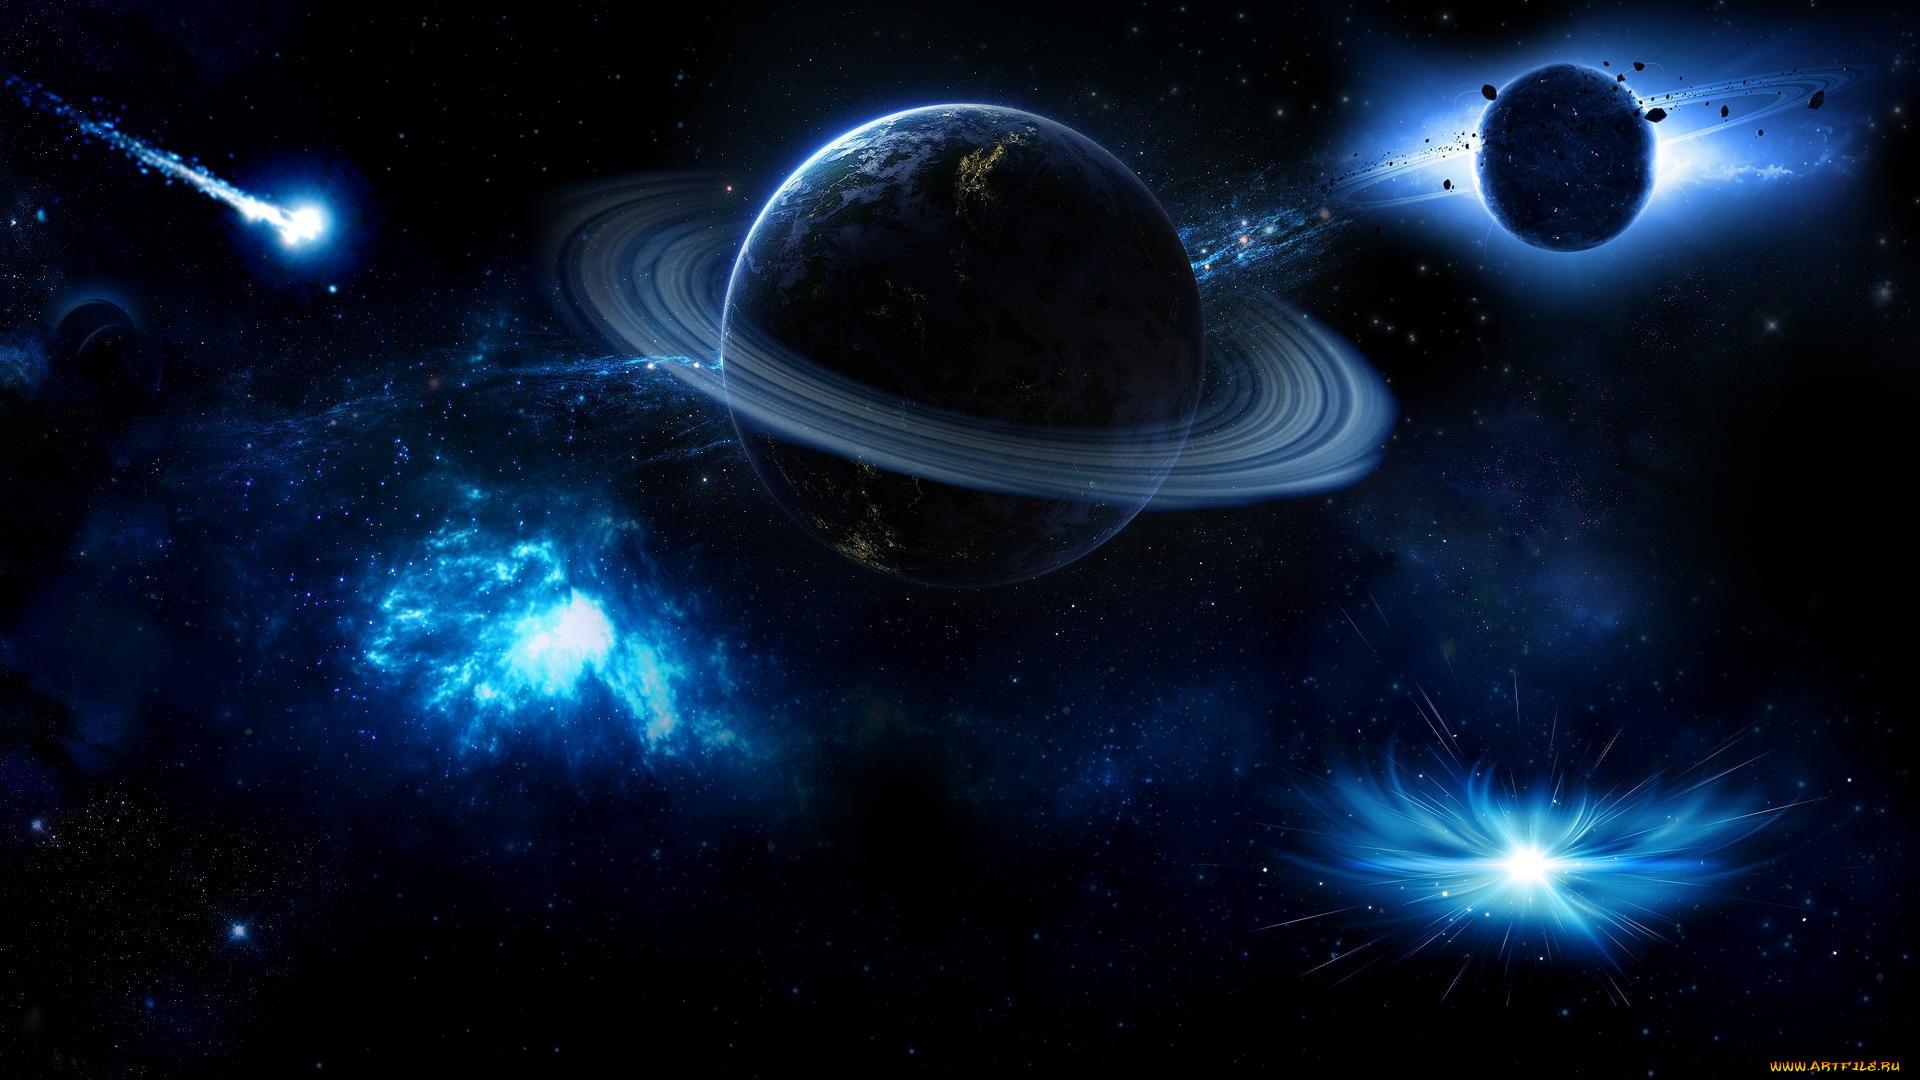 космос все картинки планет галактики домов